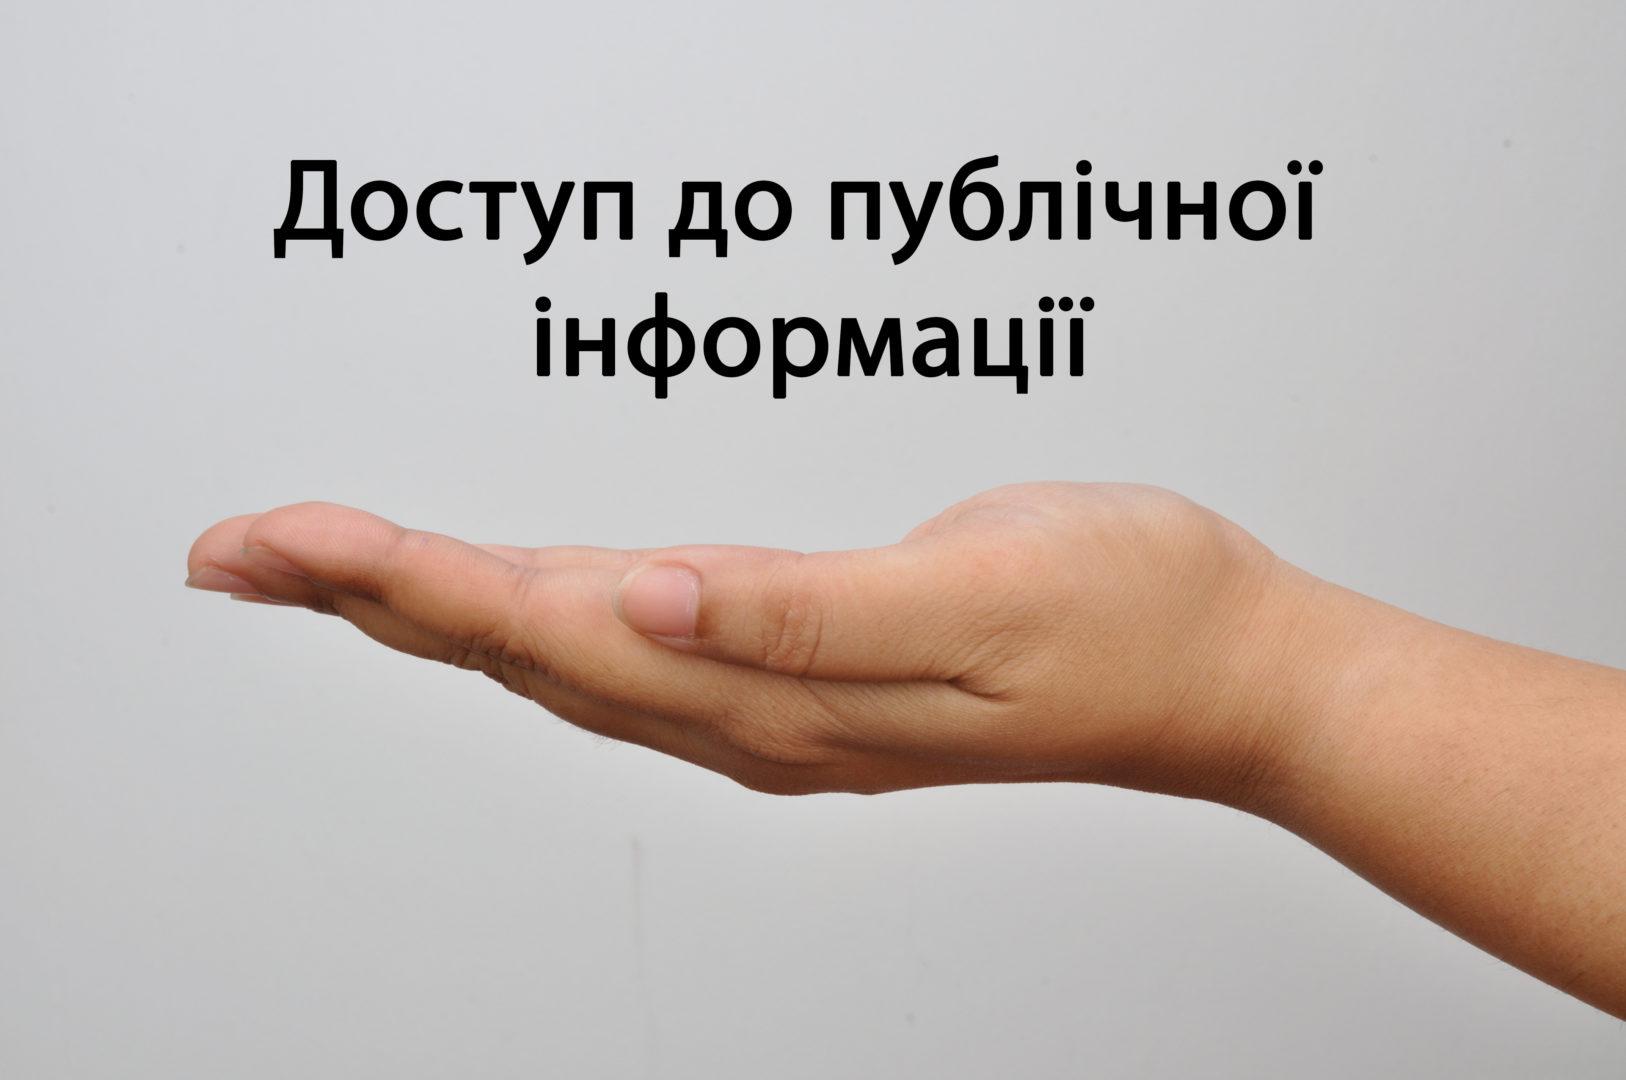 Інформація про розгляд запитів на публічну інформацію у департаменті АПК та РСТ Донецької ОДА за 2017 рік